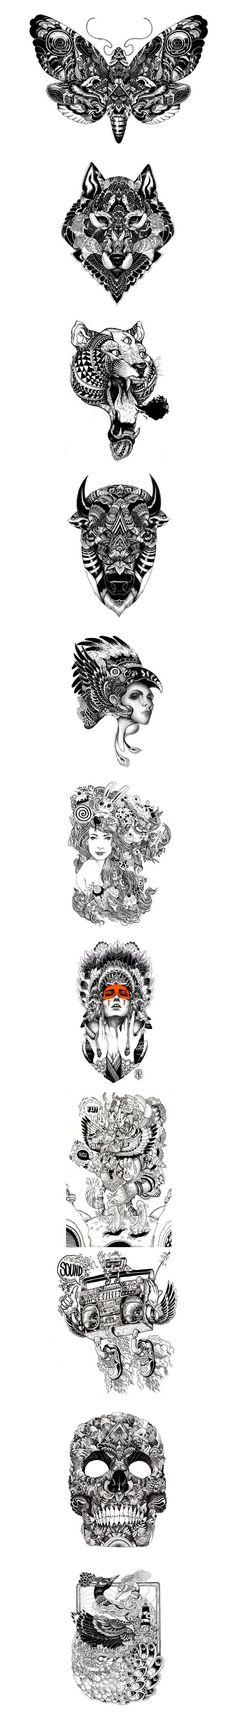 Les magnifiques réalisations de Iain Macarthur, des illustrations souvent à base de noir et blanc. Un univers excellent. #WolfTattooIdeas